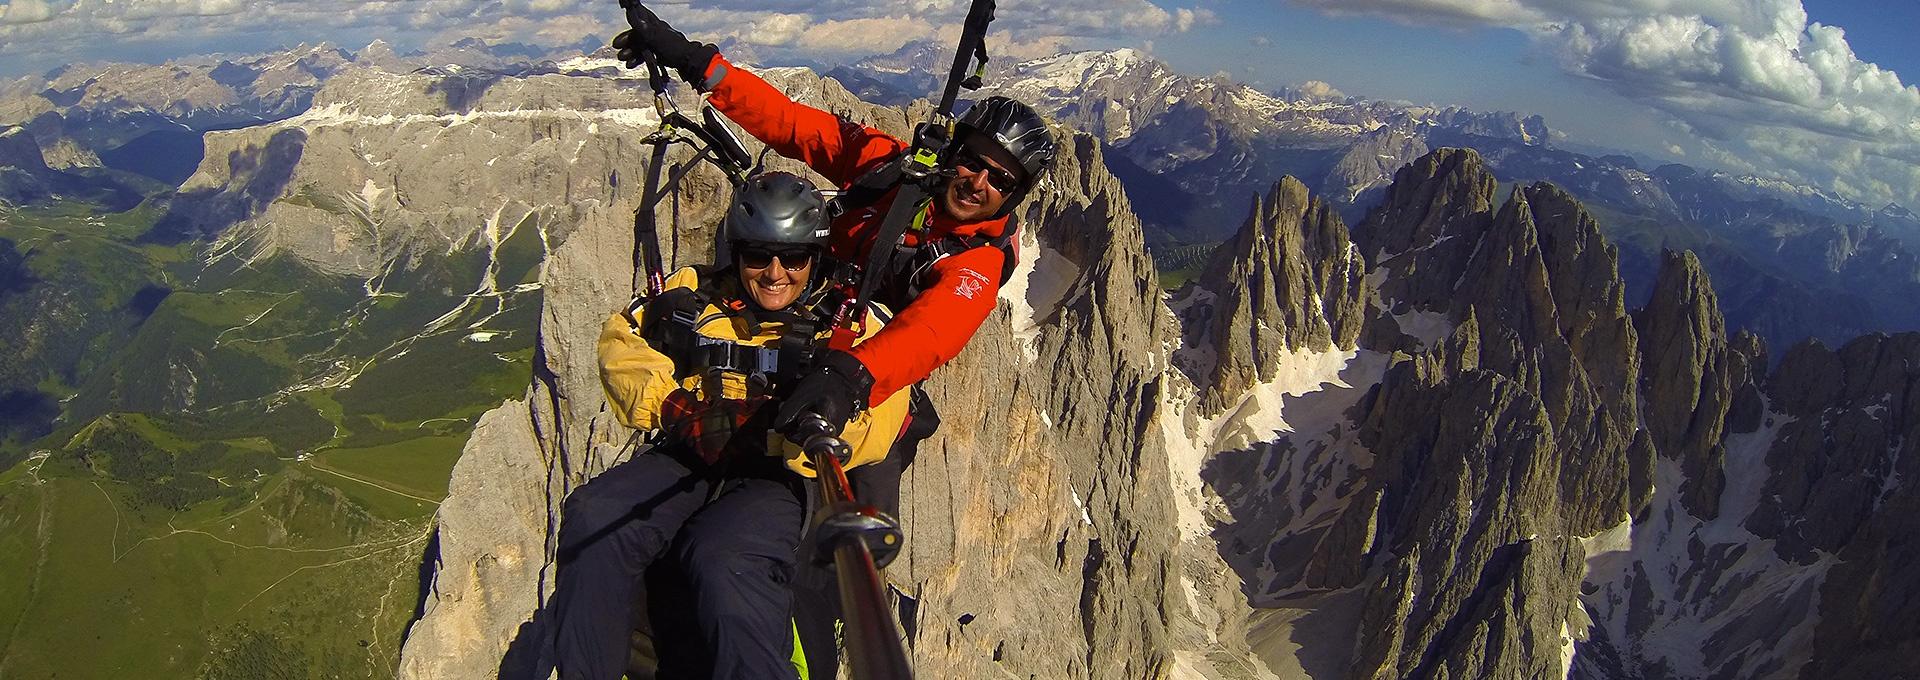 Paragliding tandem Val Gardena